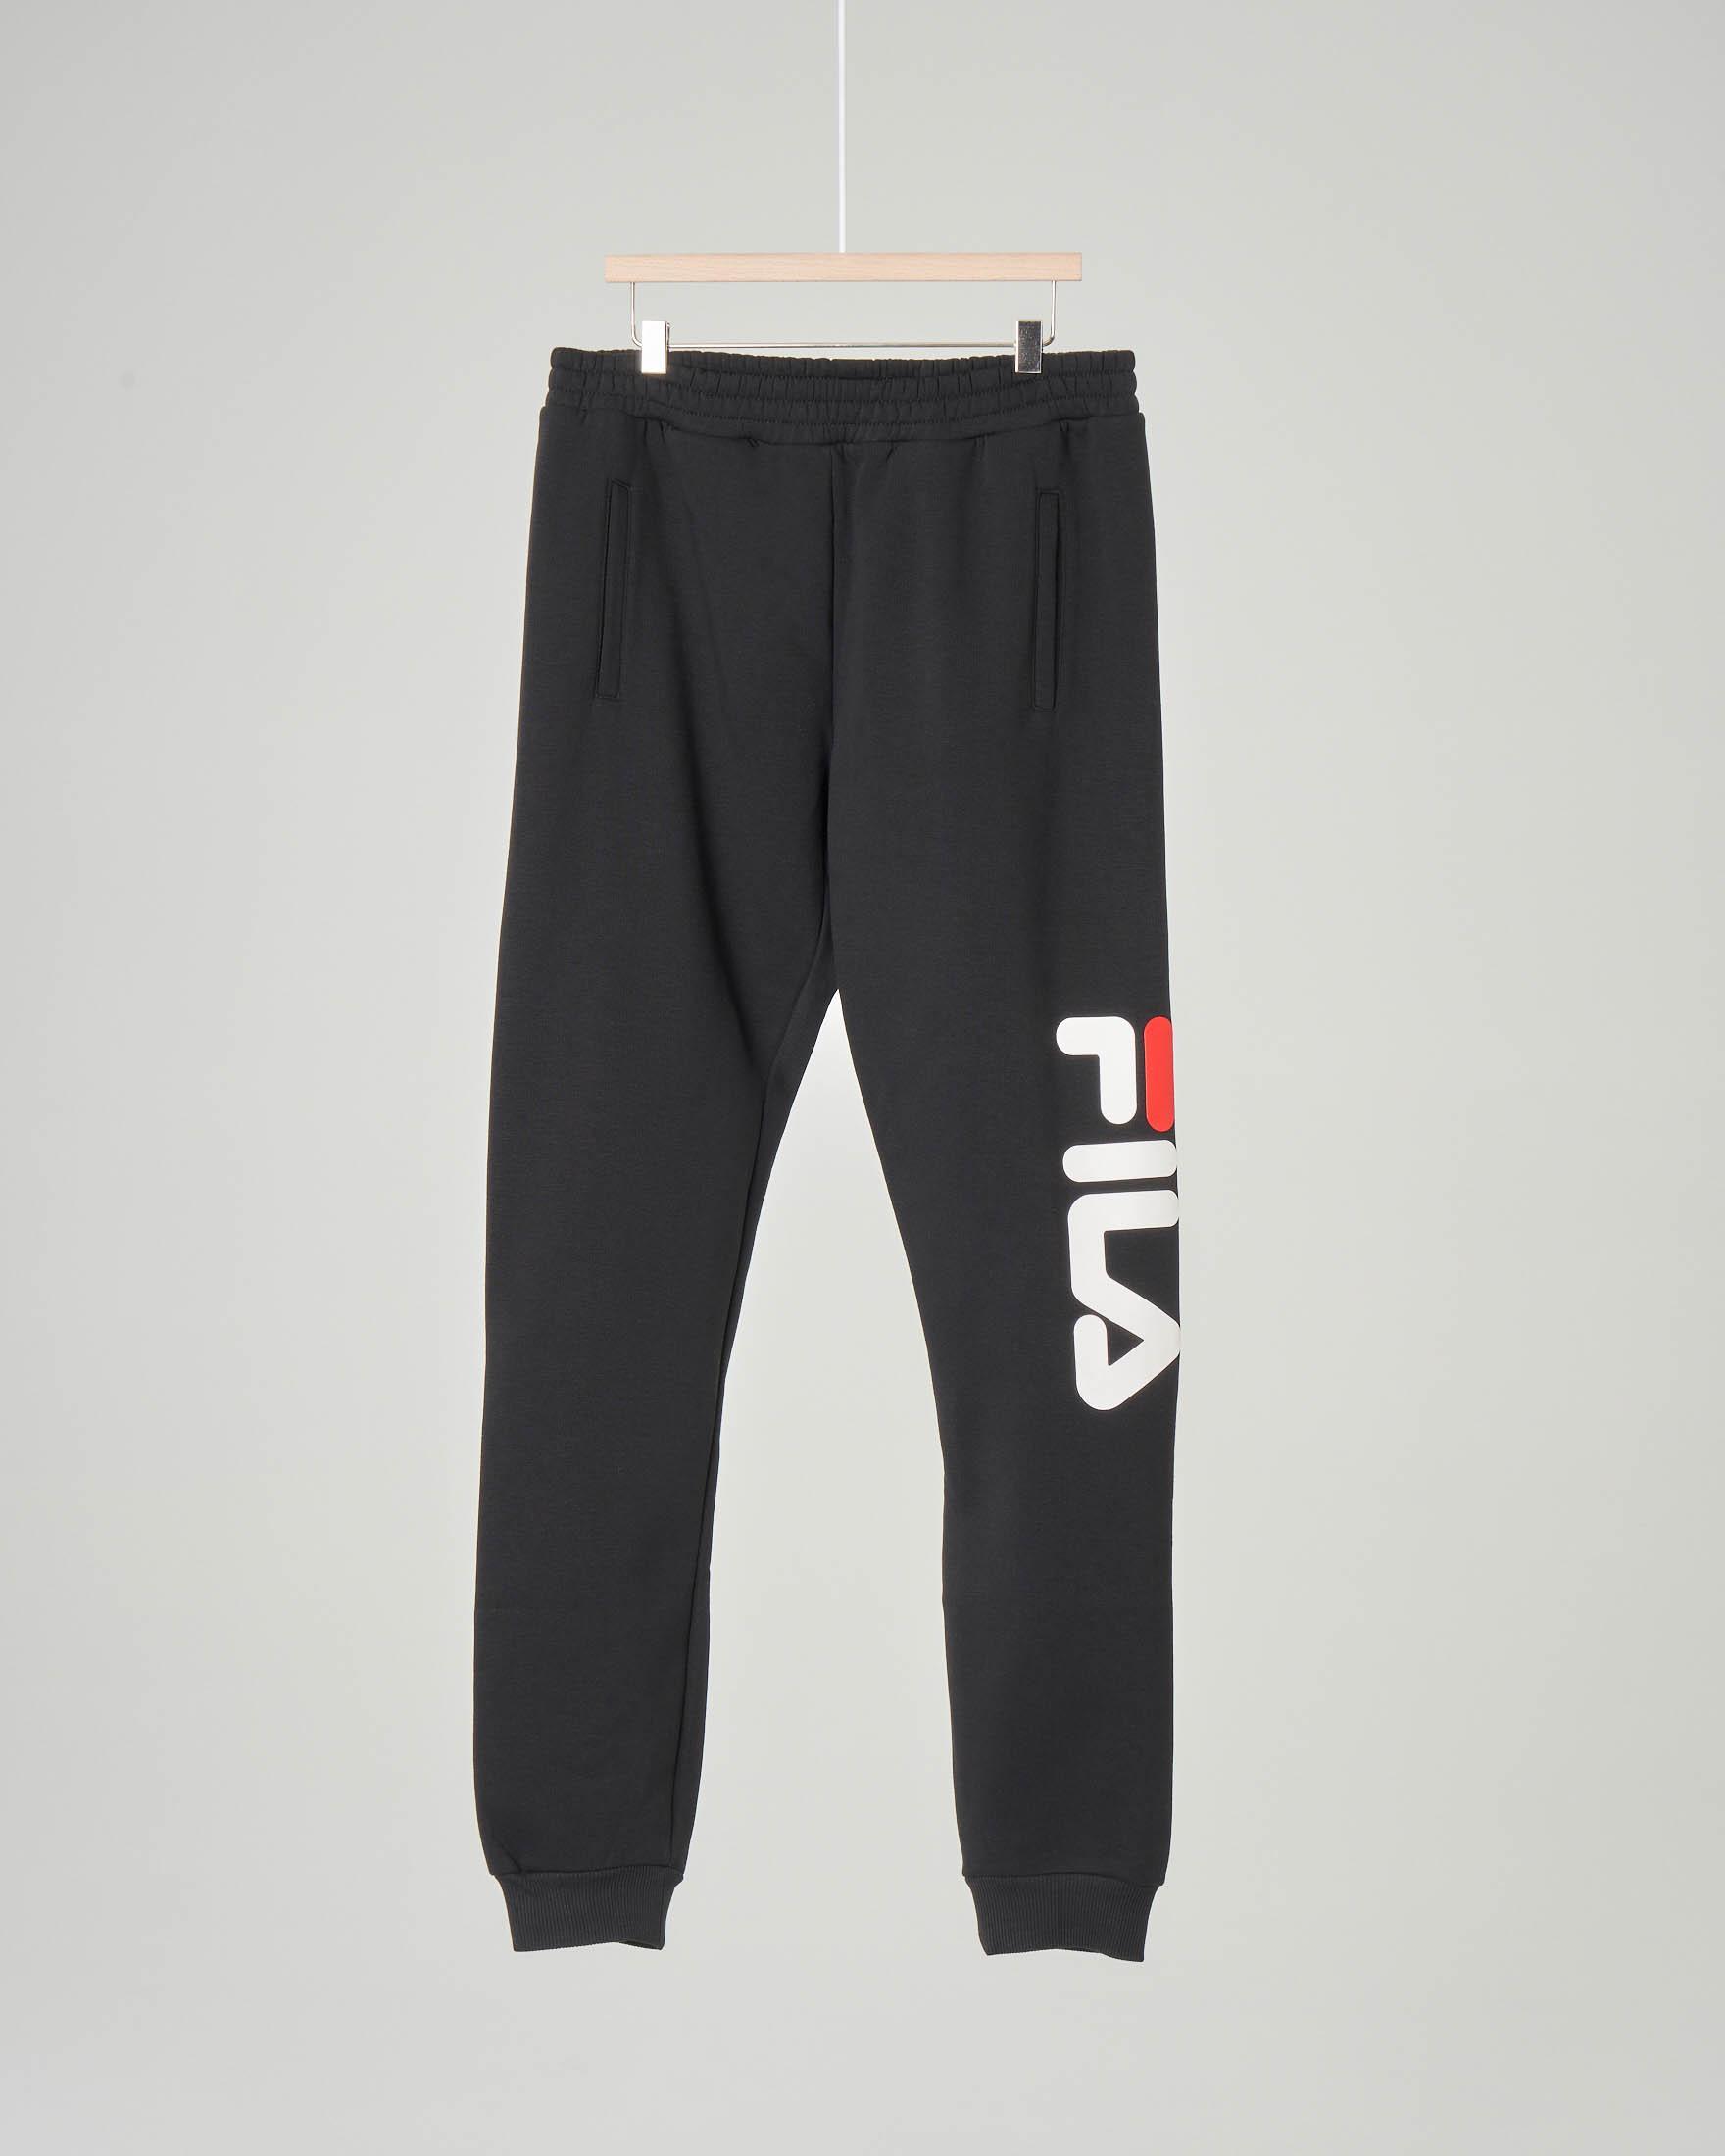 Pantalone nero in felpa con logo Fila sulla gamba 10-16 anni